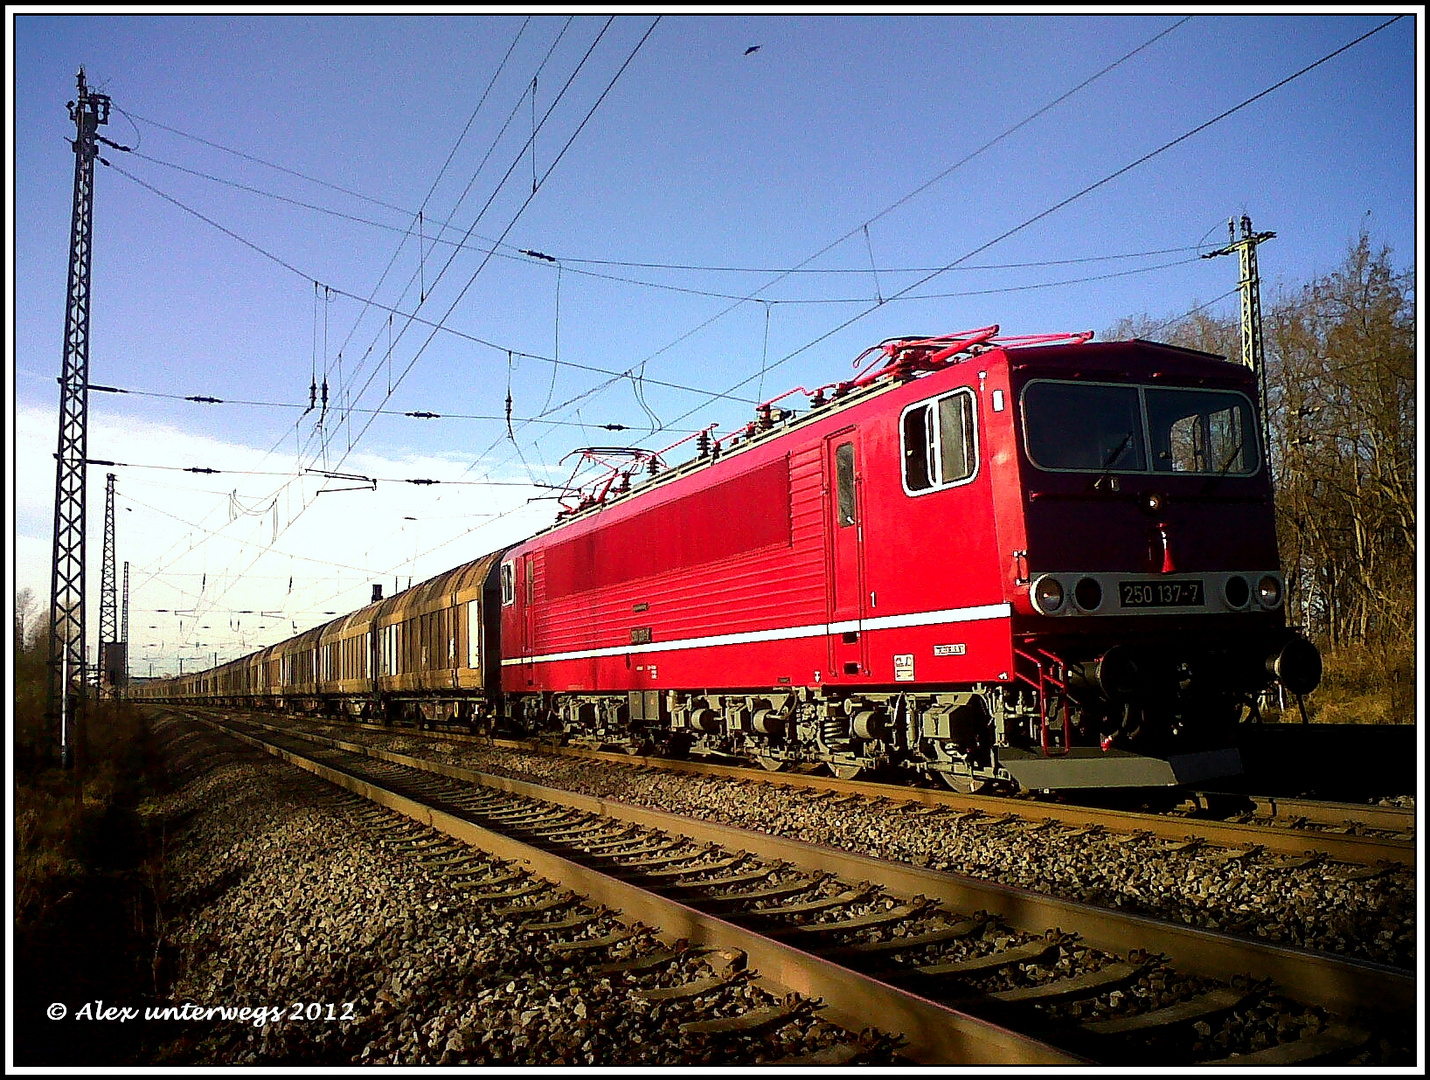 250 137 mit einen ansehnlichen Zug heute morgen unterwegs